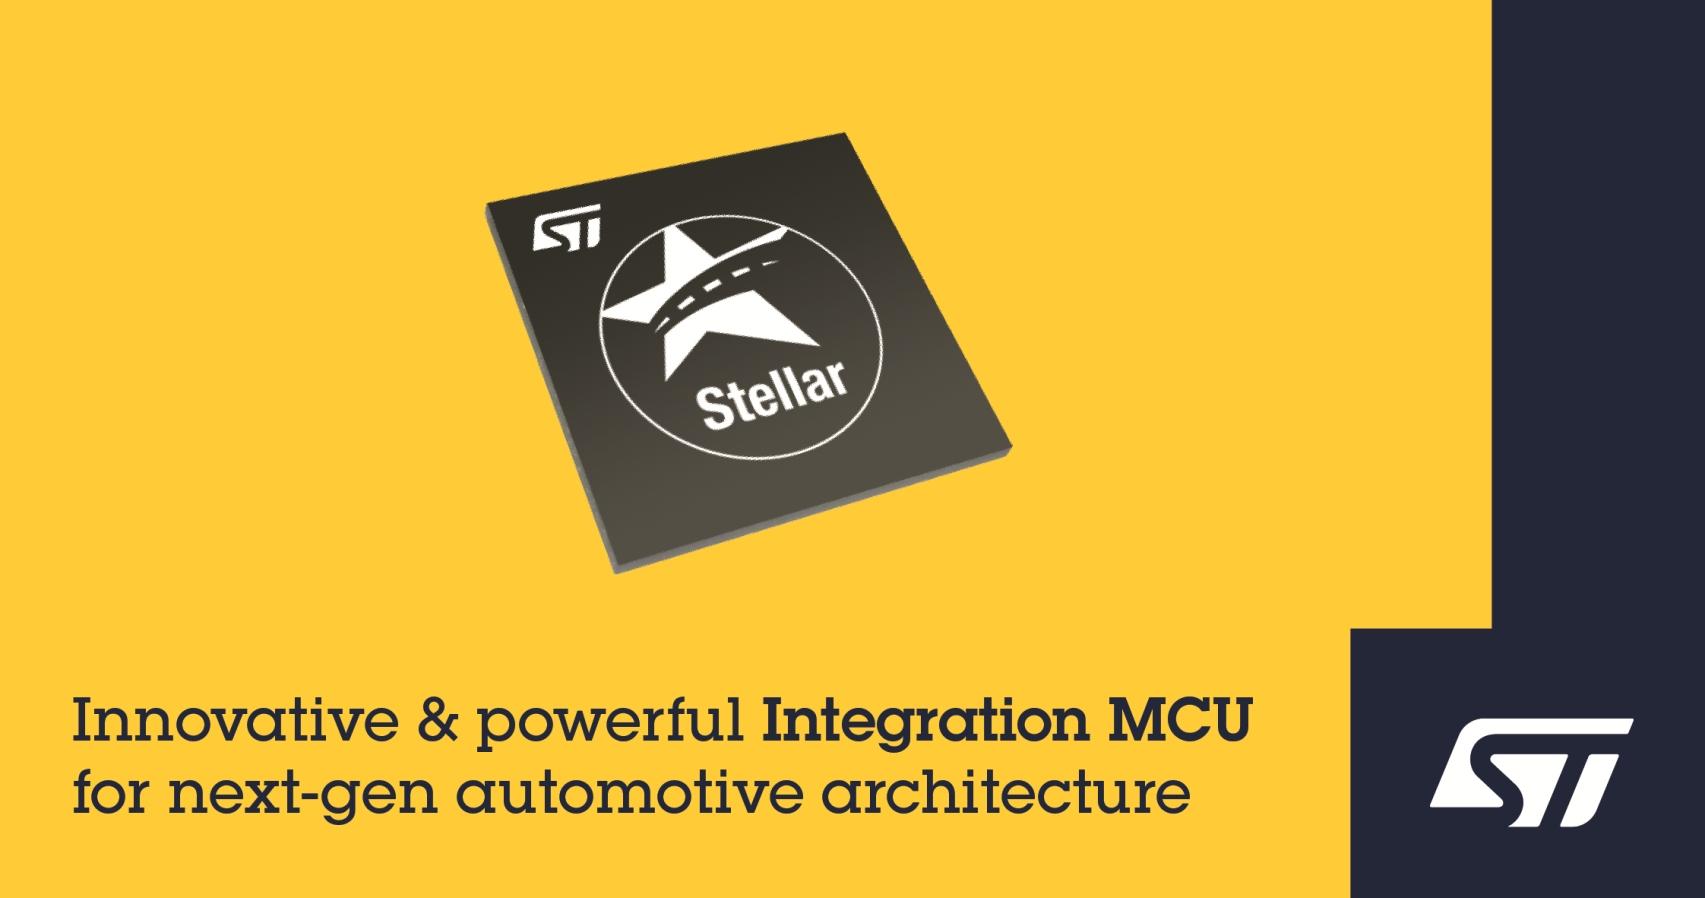 意法半导体公布多应用、确定性车规级MCU的功能细节,最大限度提高下一代域/区域架构的安全性